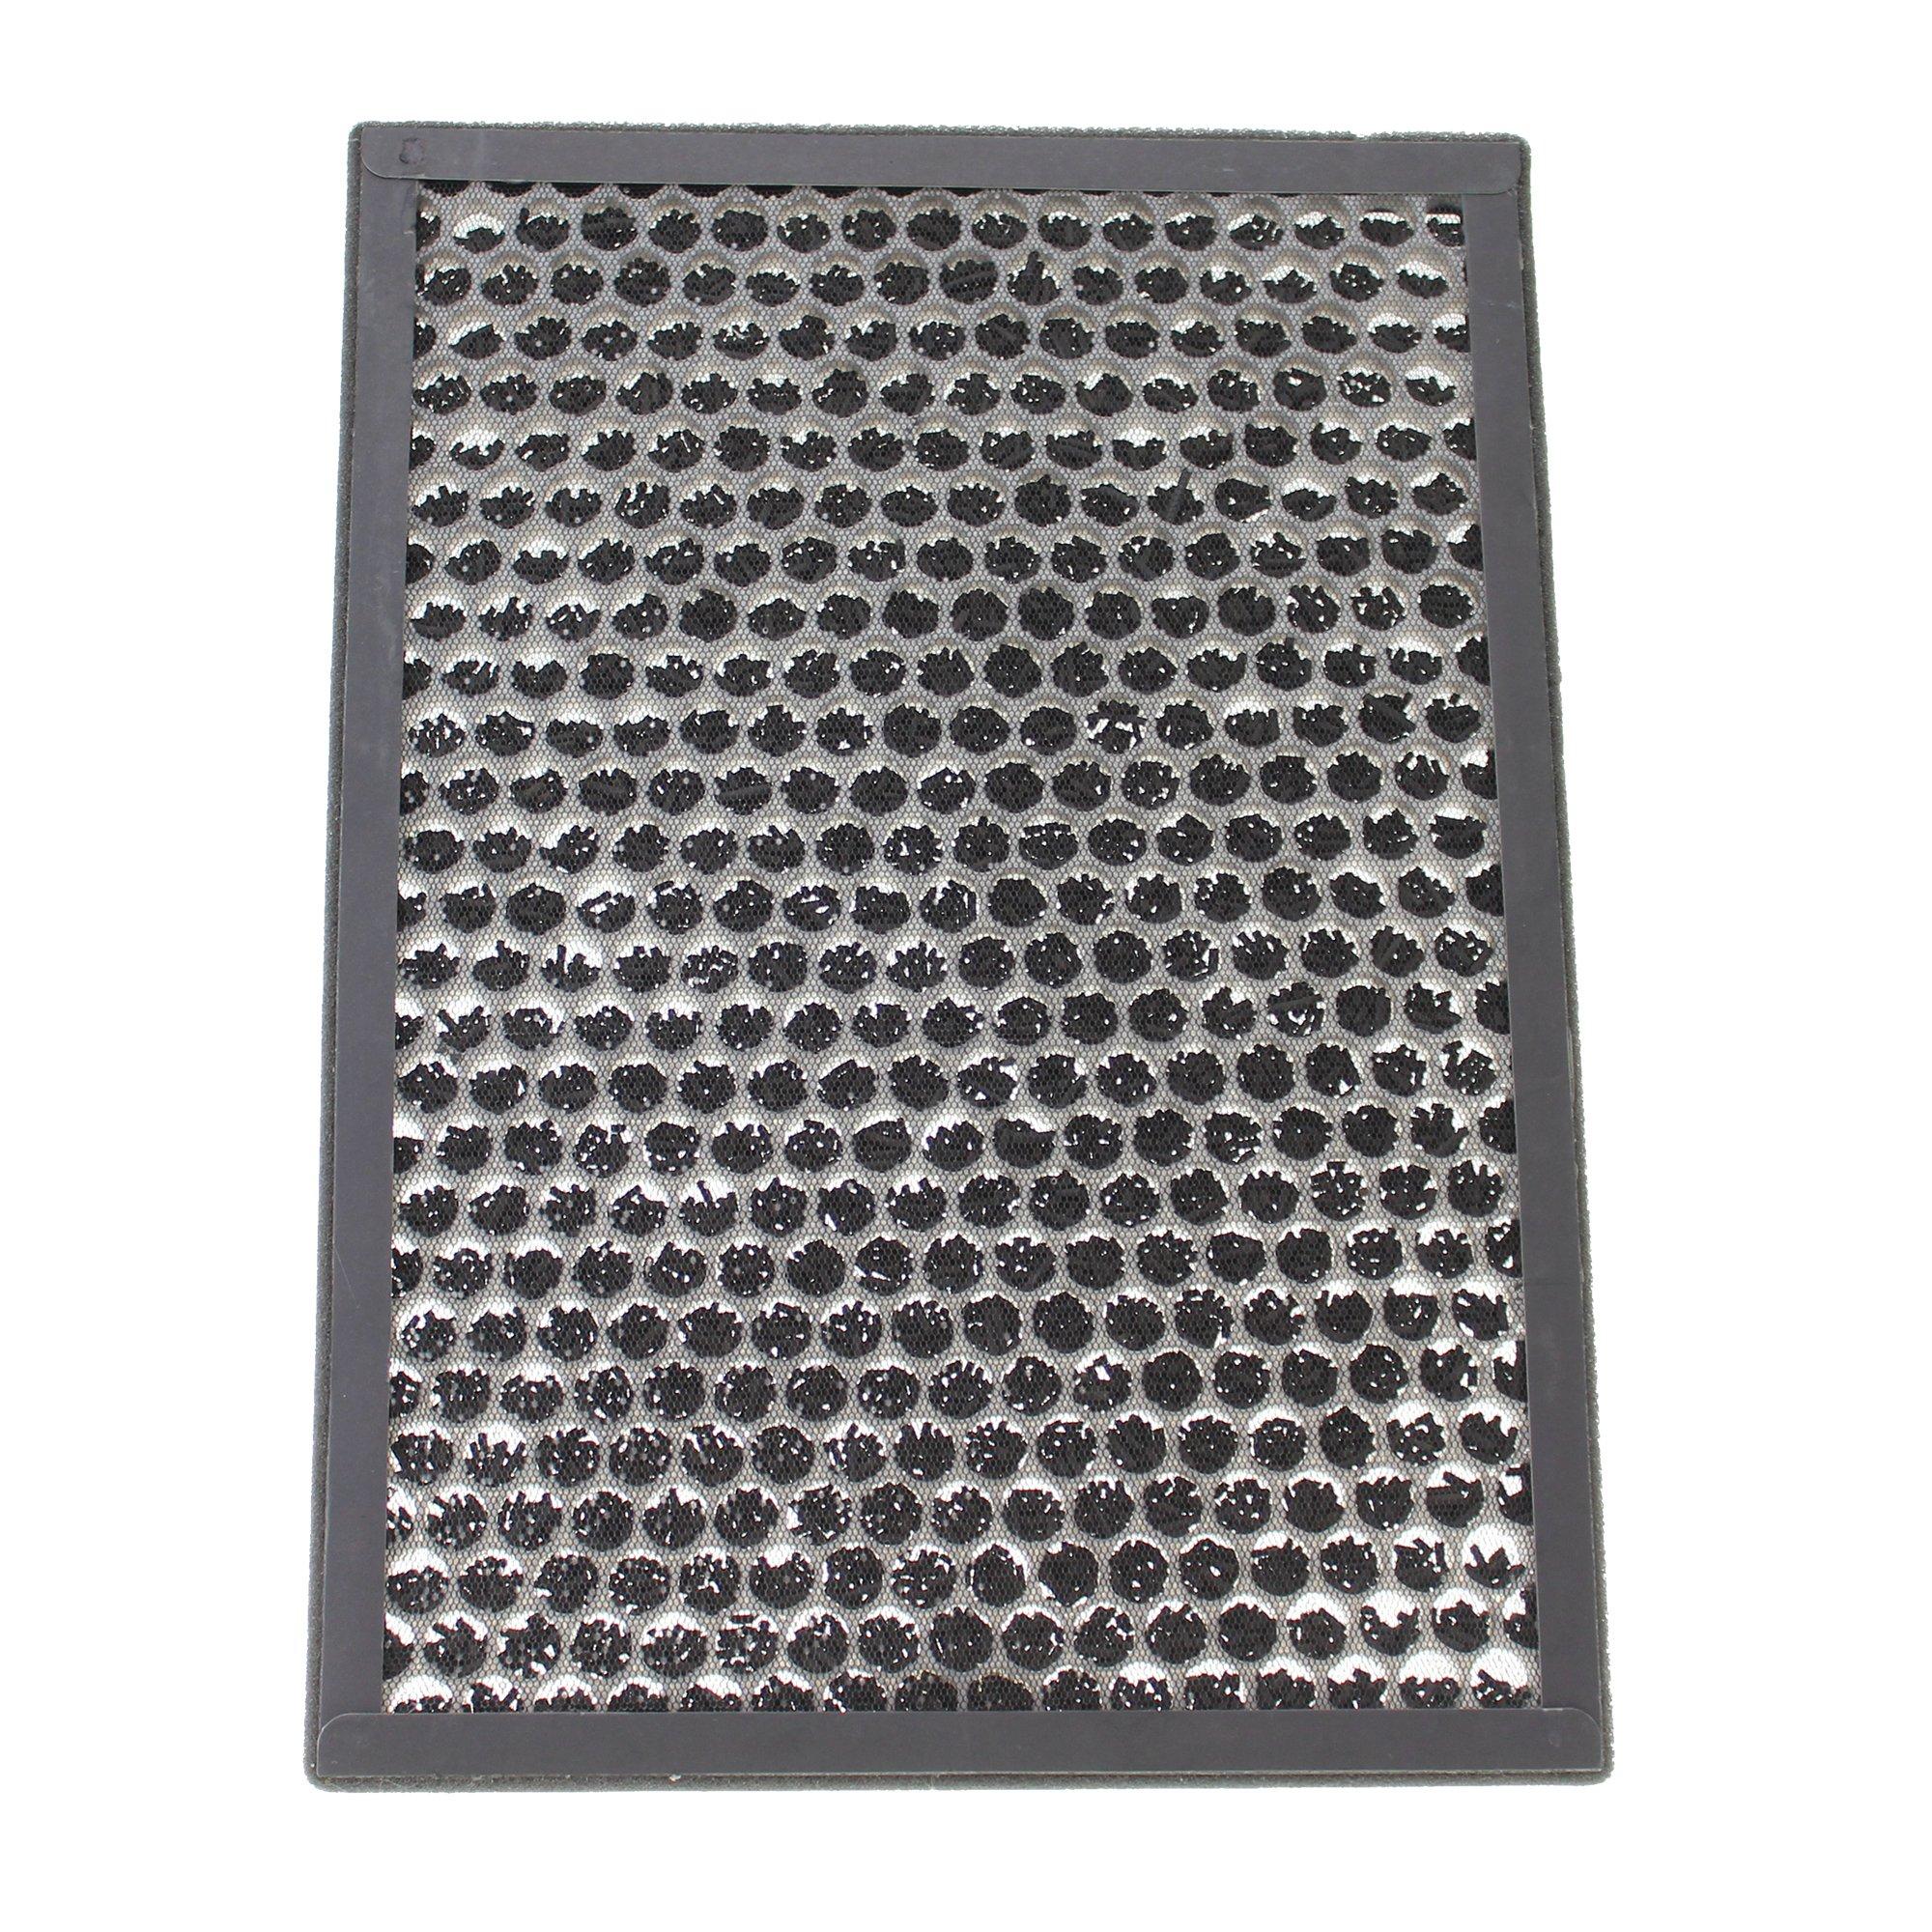 Crane USA Accessories, HEPA Filter Set, Smart Air